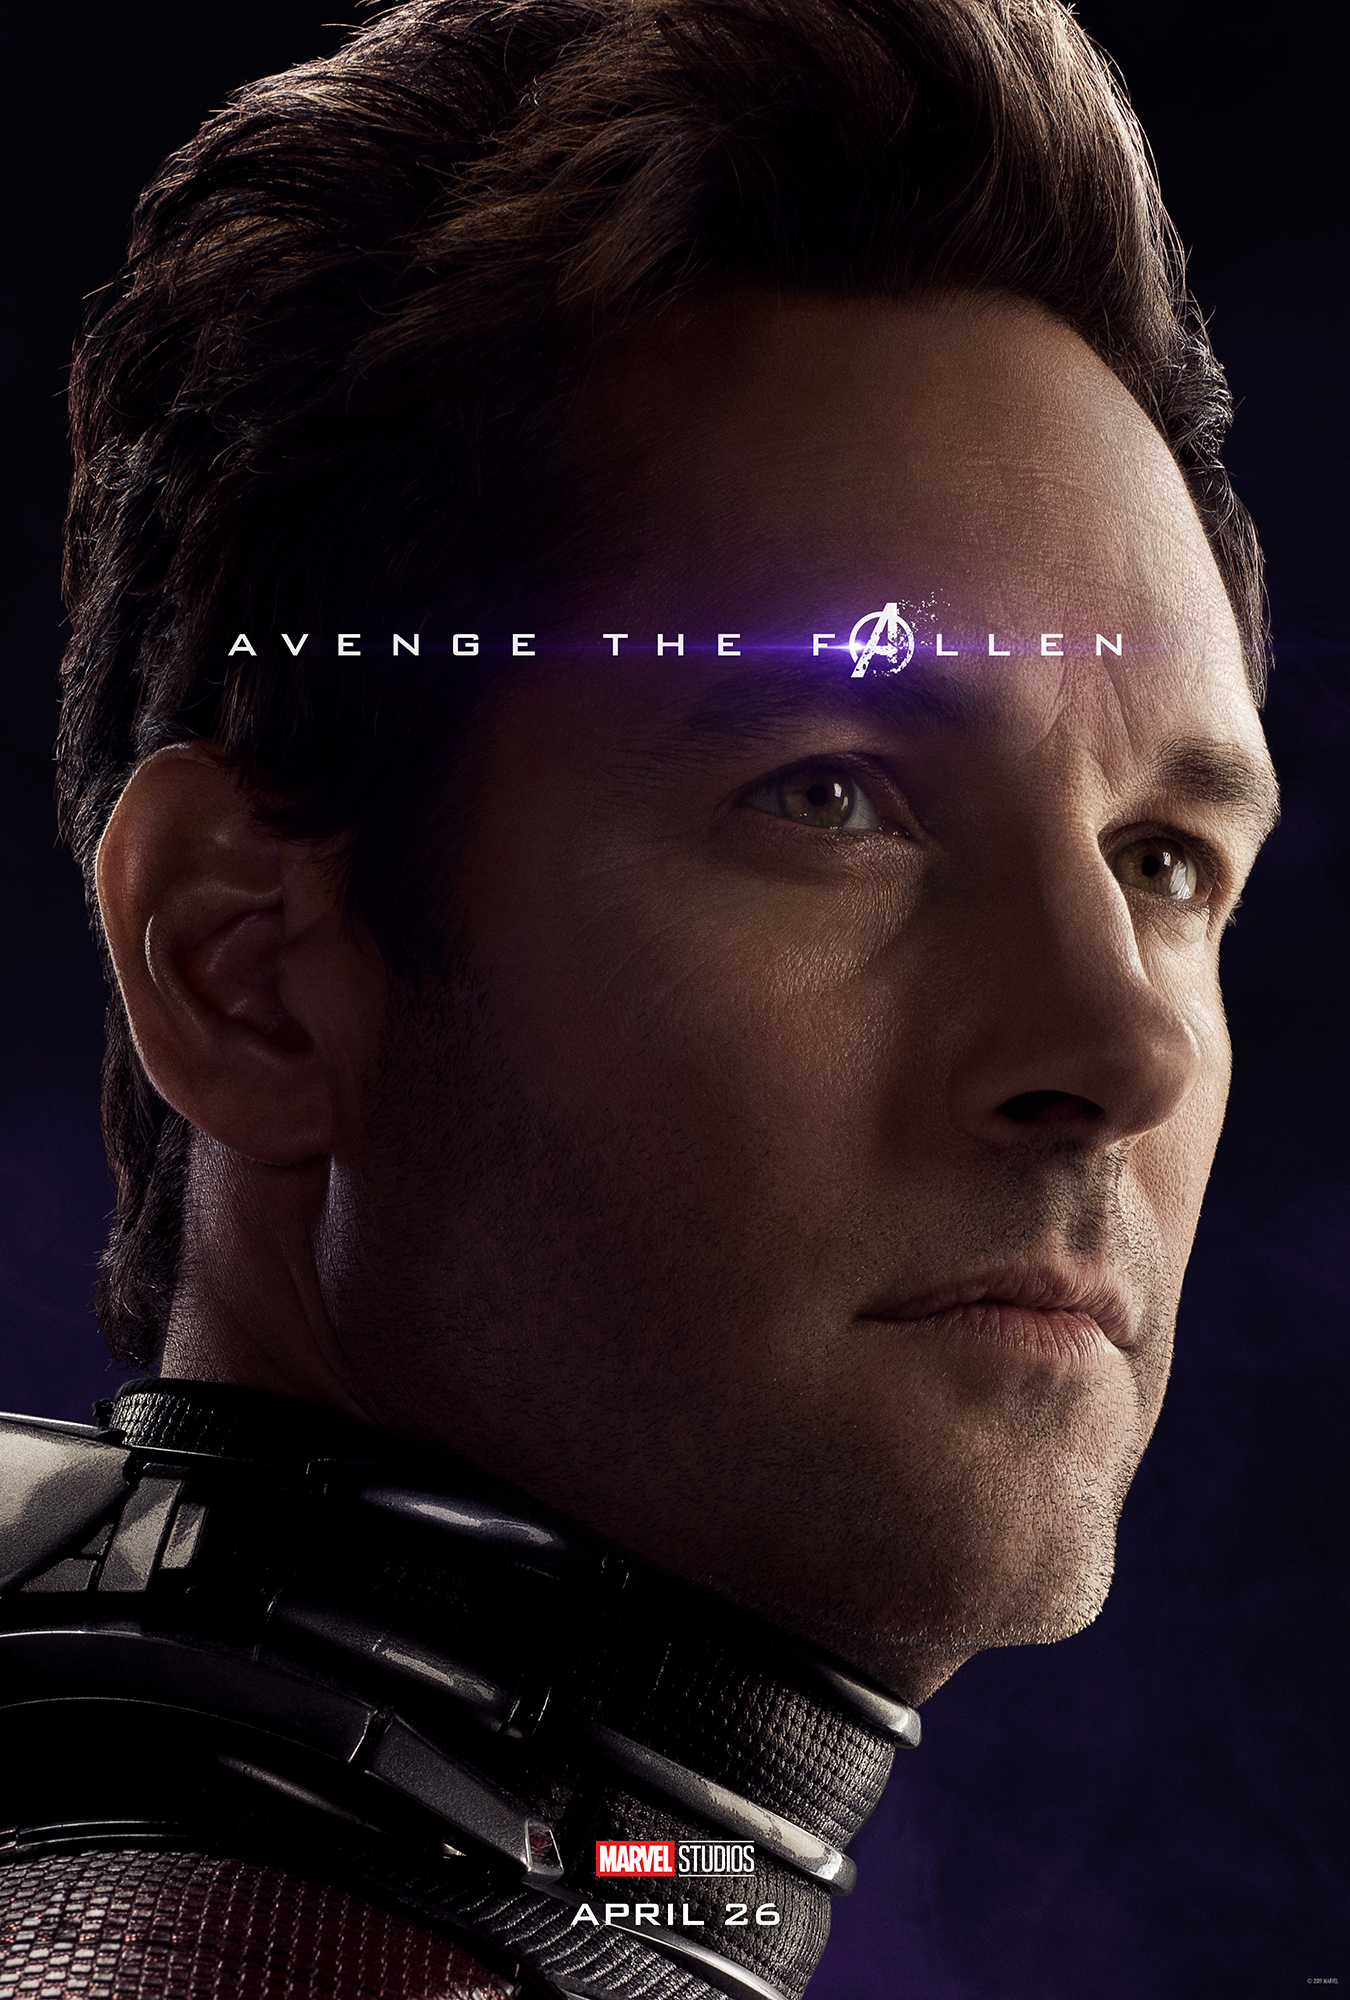 Avengers_Endgame_Char1Sht_AM_Avenge_mech1_FS_100dpi.jpg